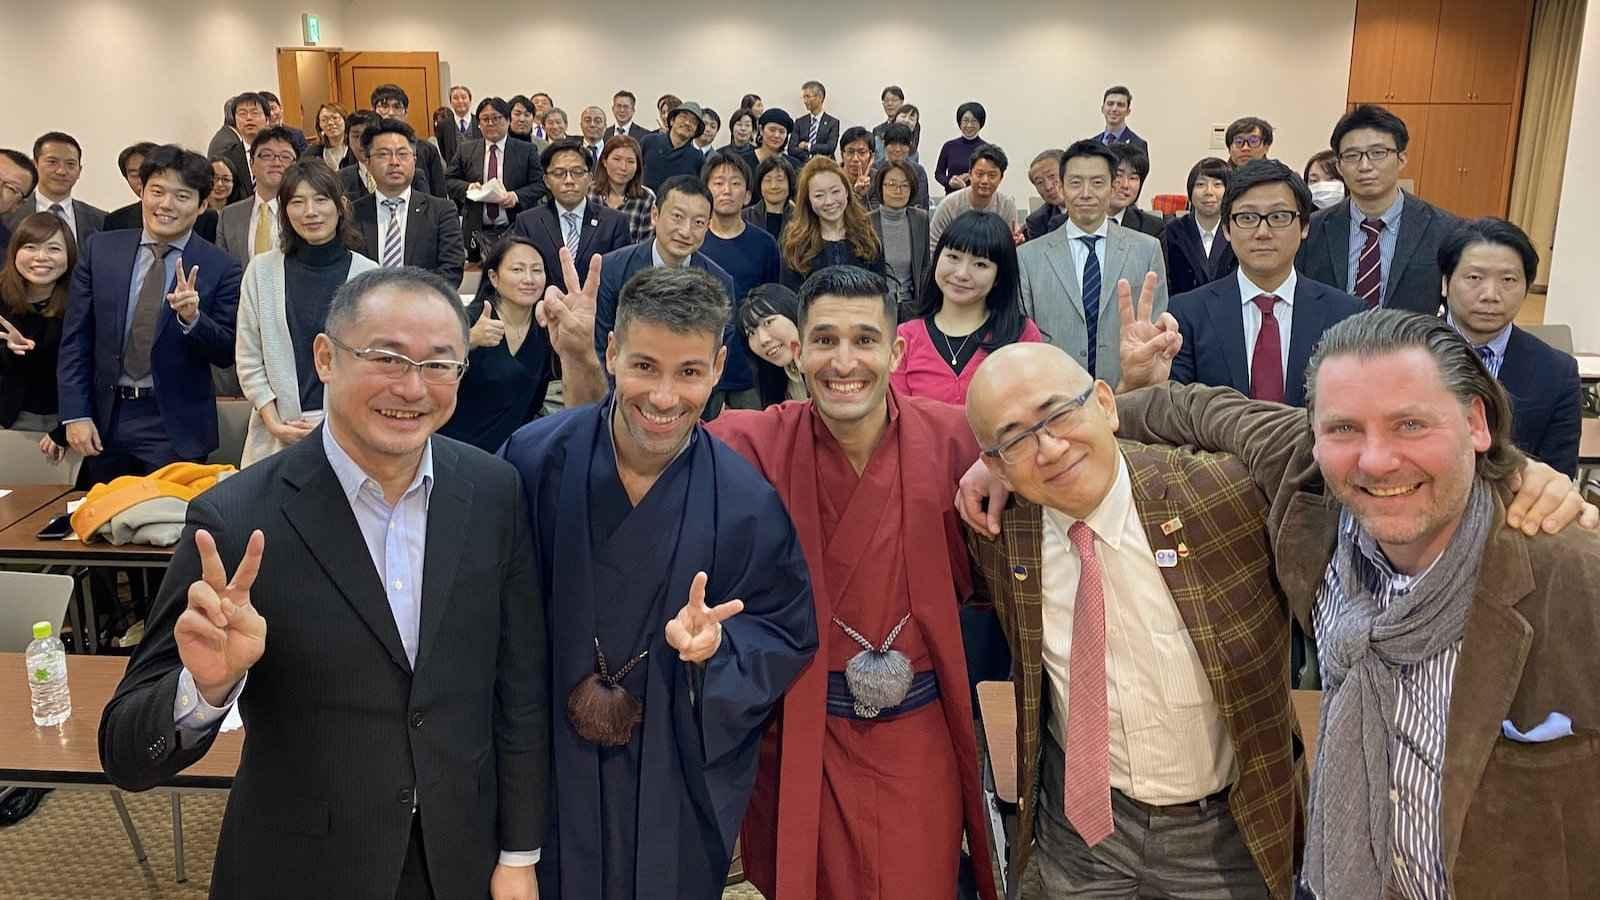 O Japão é bastante conservador, mas está se tornando mais gay friendly a cada dia